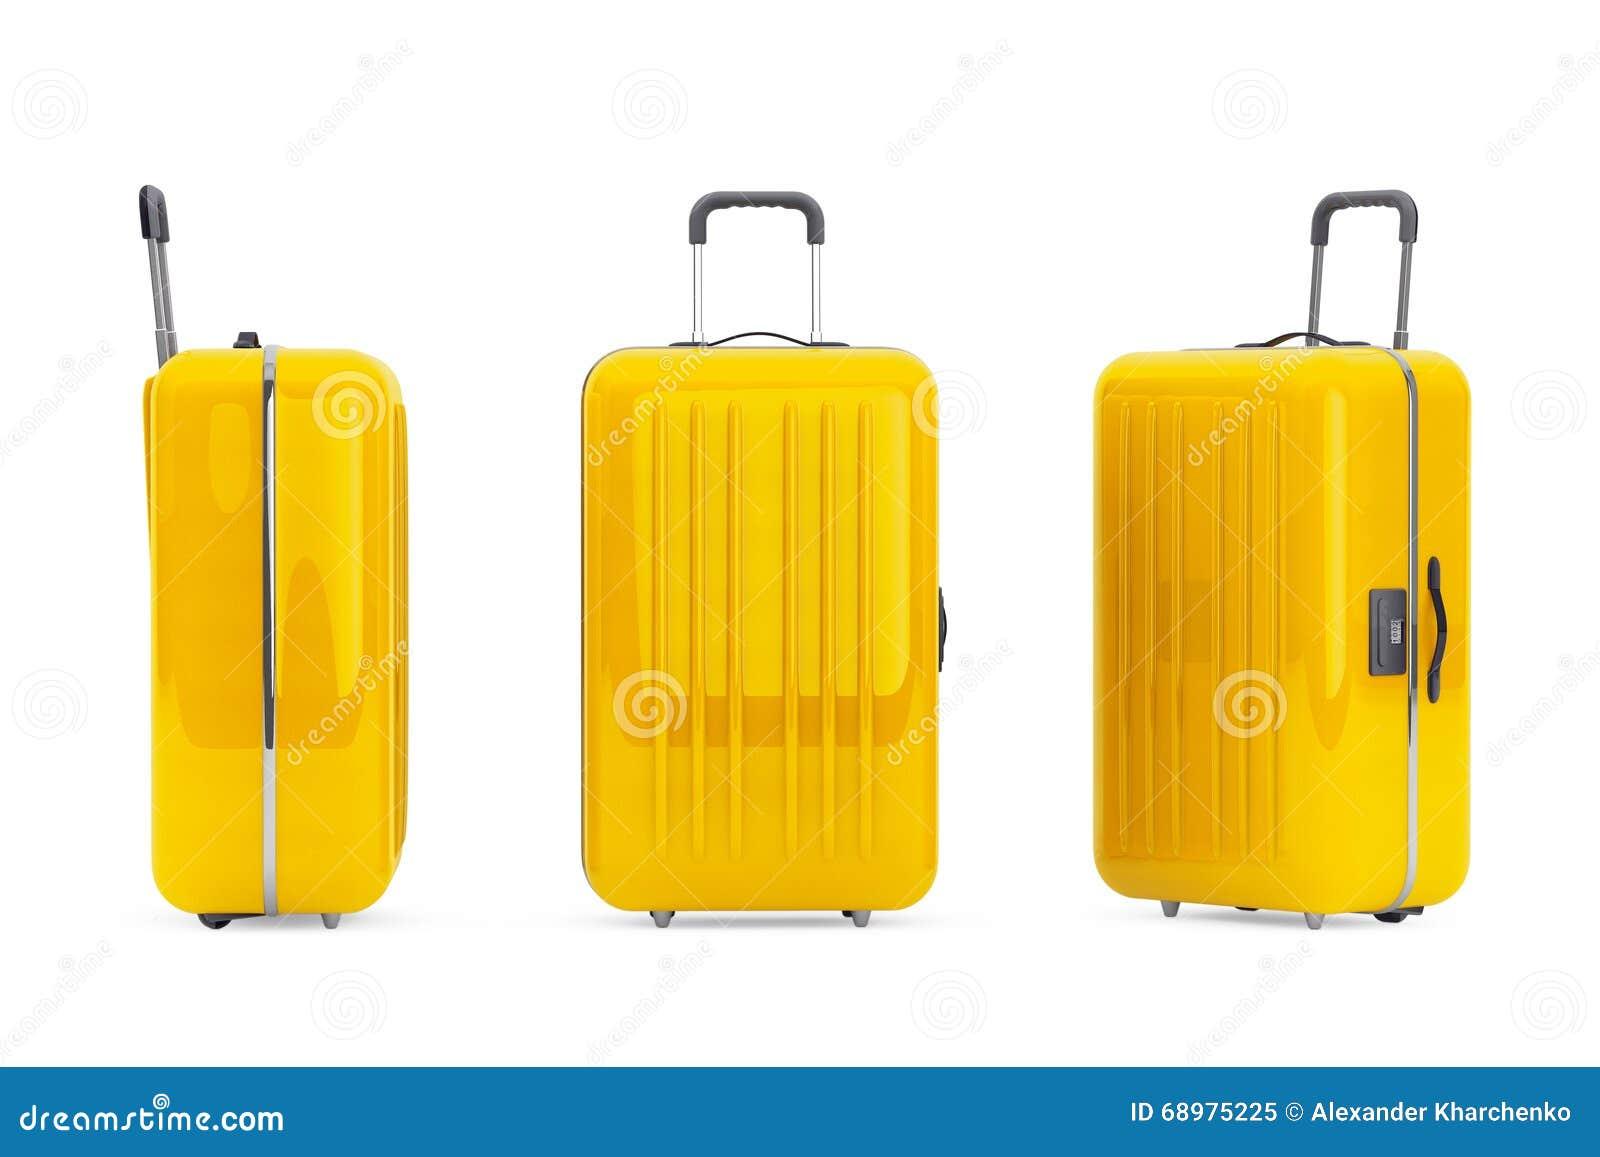 大黄色聚碳酸酯纤维手提箱